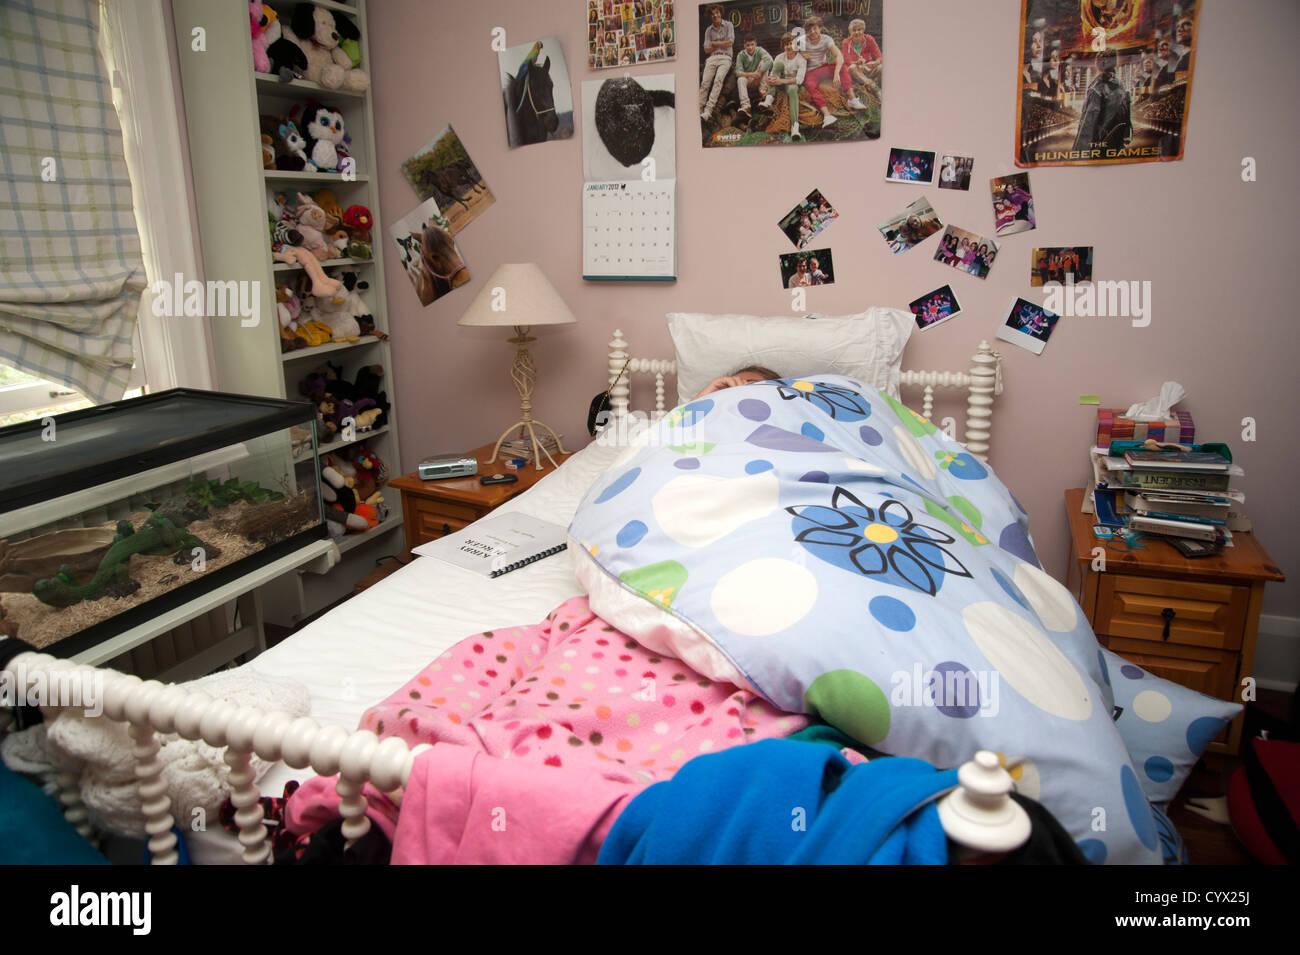 Teenager Schlafzimmer Mit Plakaten Und Ausgestopfte Tiere